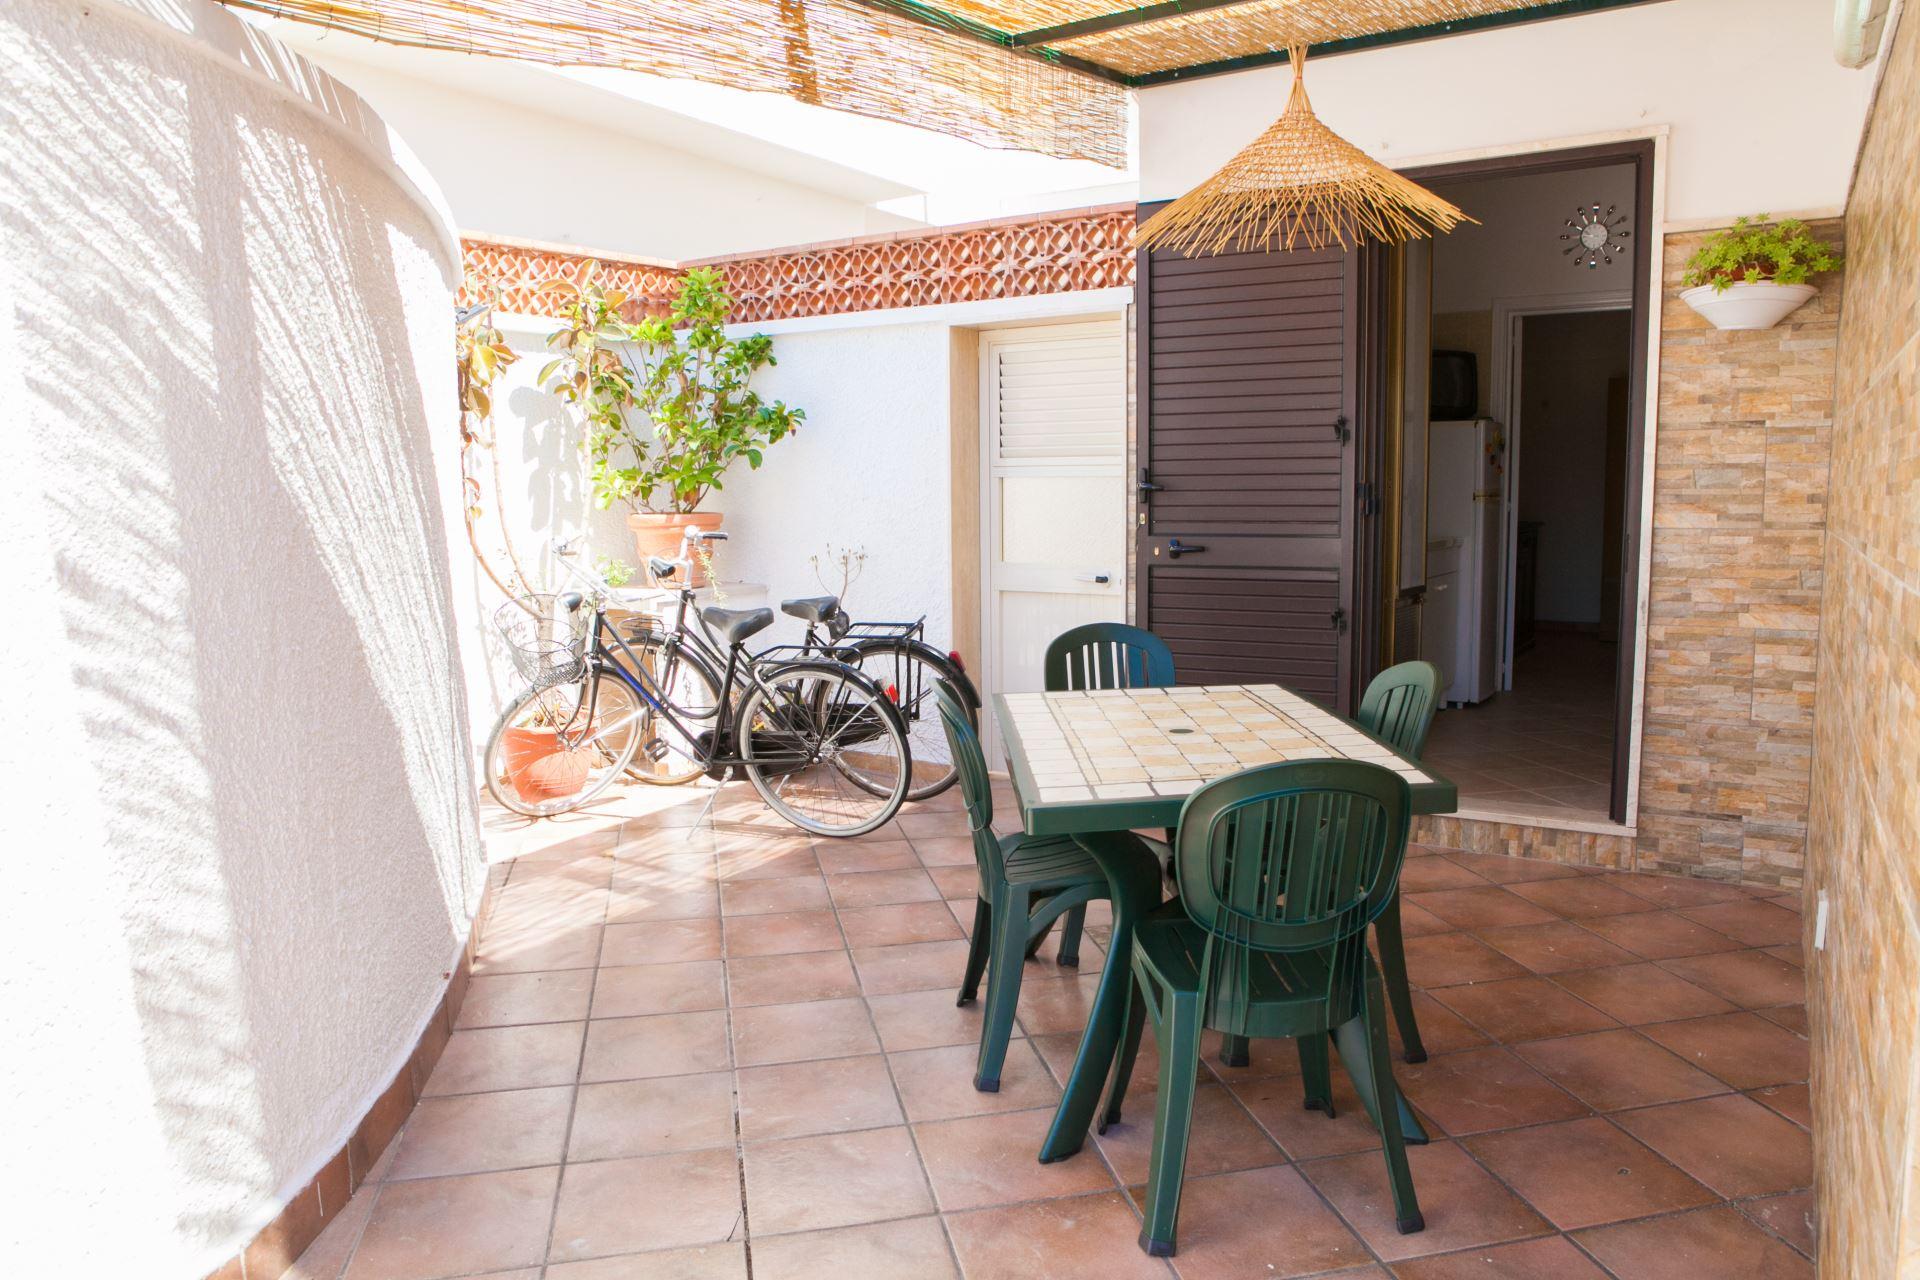 Bilocale Pina, alloggio ristrutturato con giardino